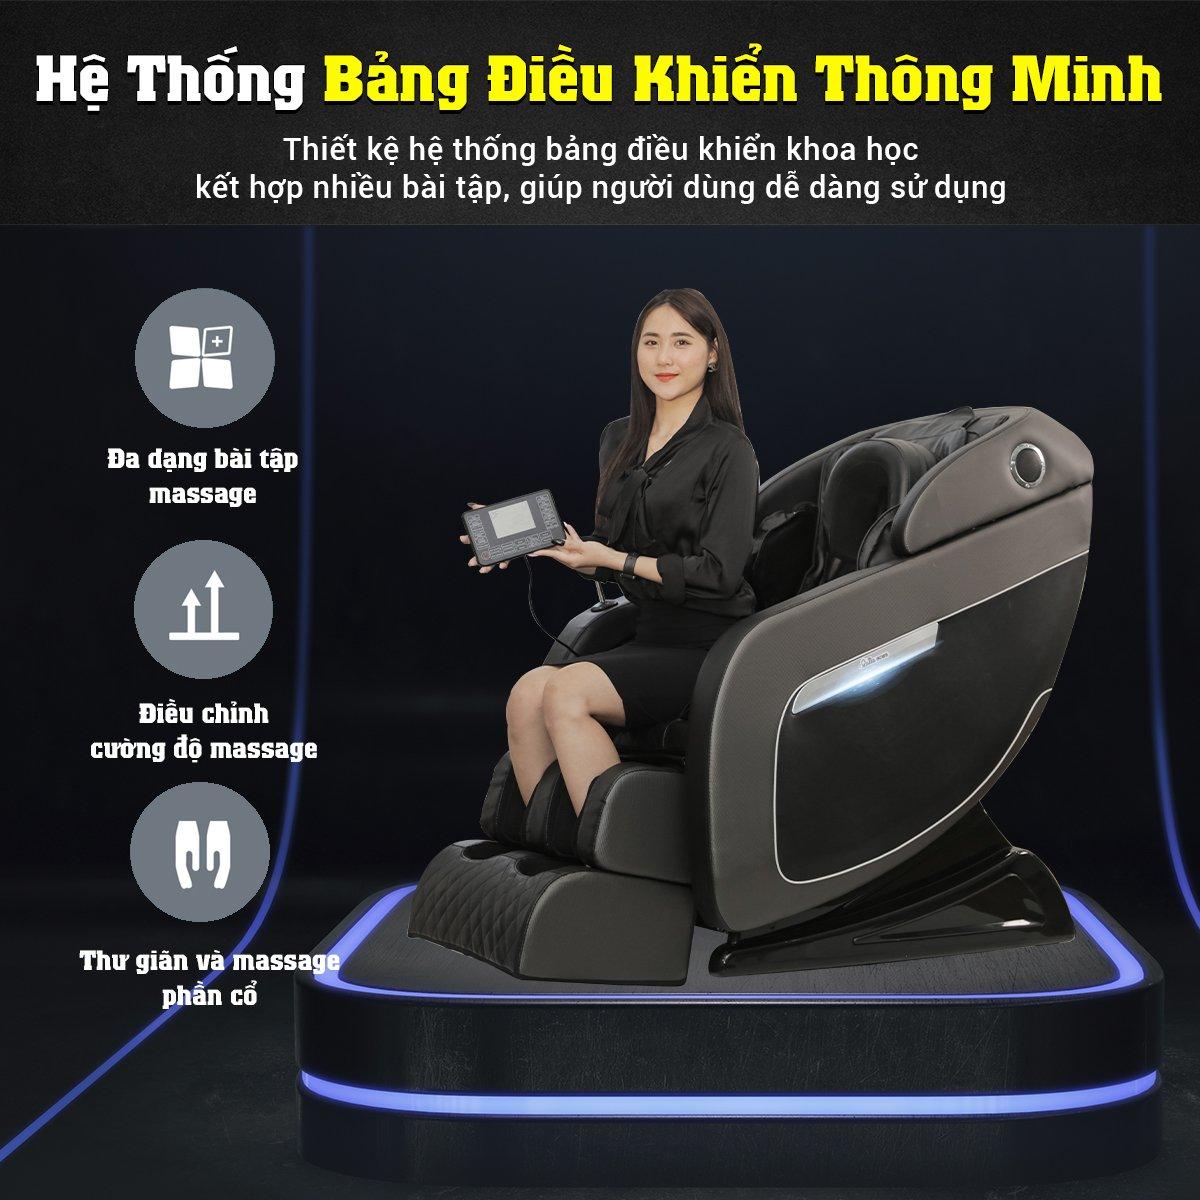 Ghế massage Queen Crown Dr. Tokyo 8 thiết kế bảng điều khiển cảm ứng màn hình LCD